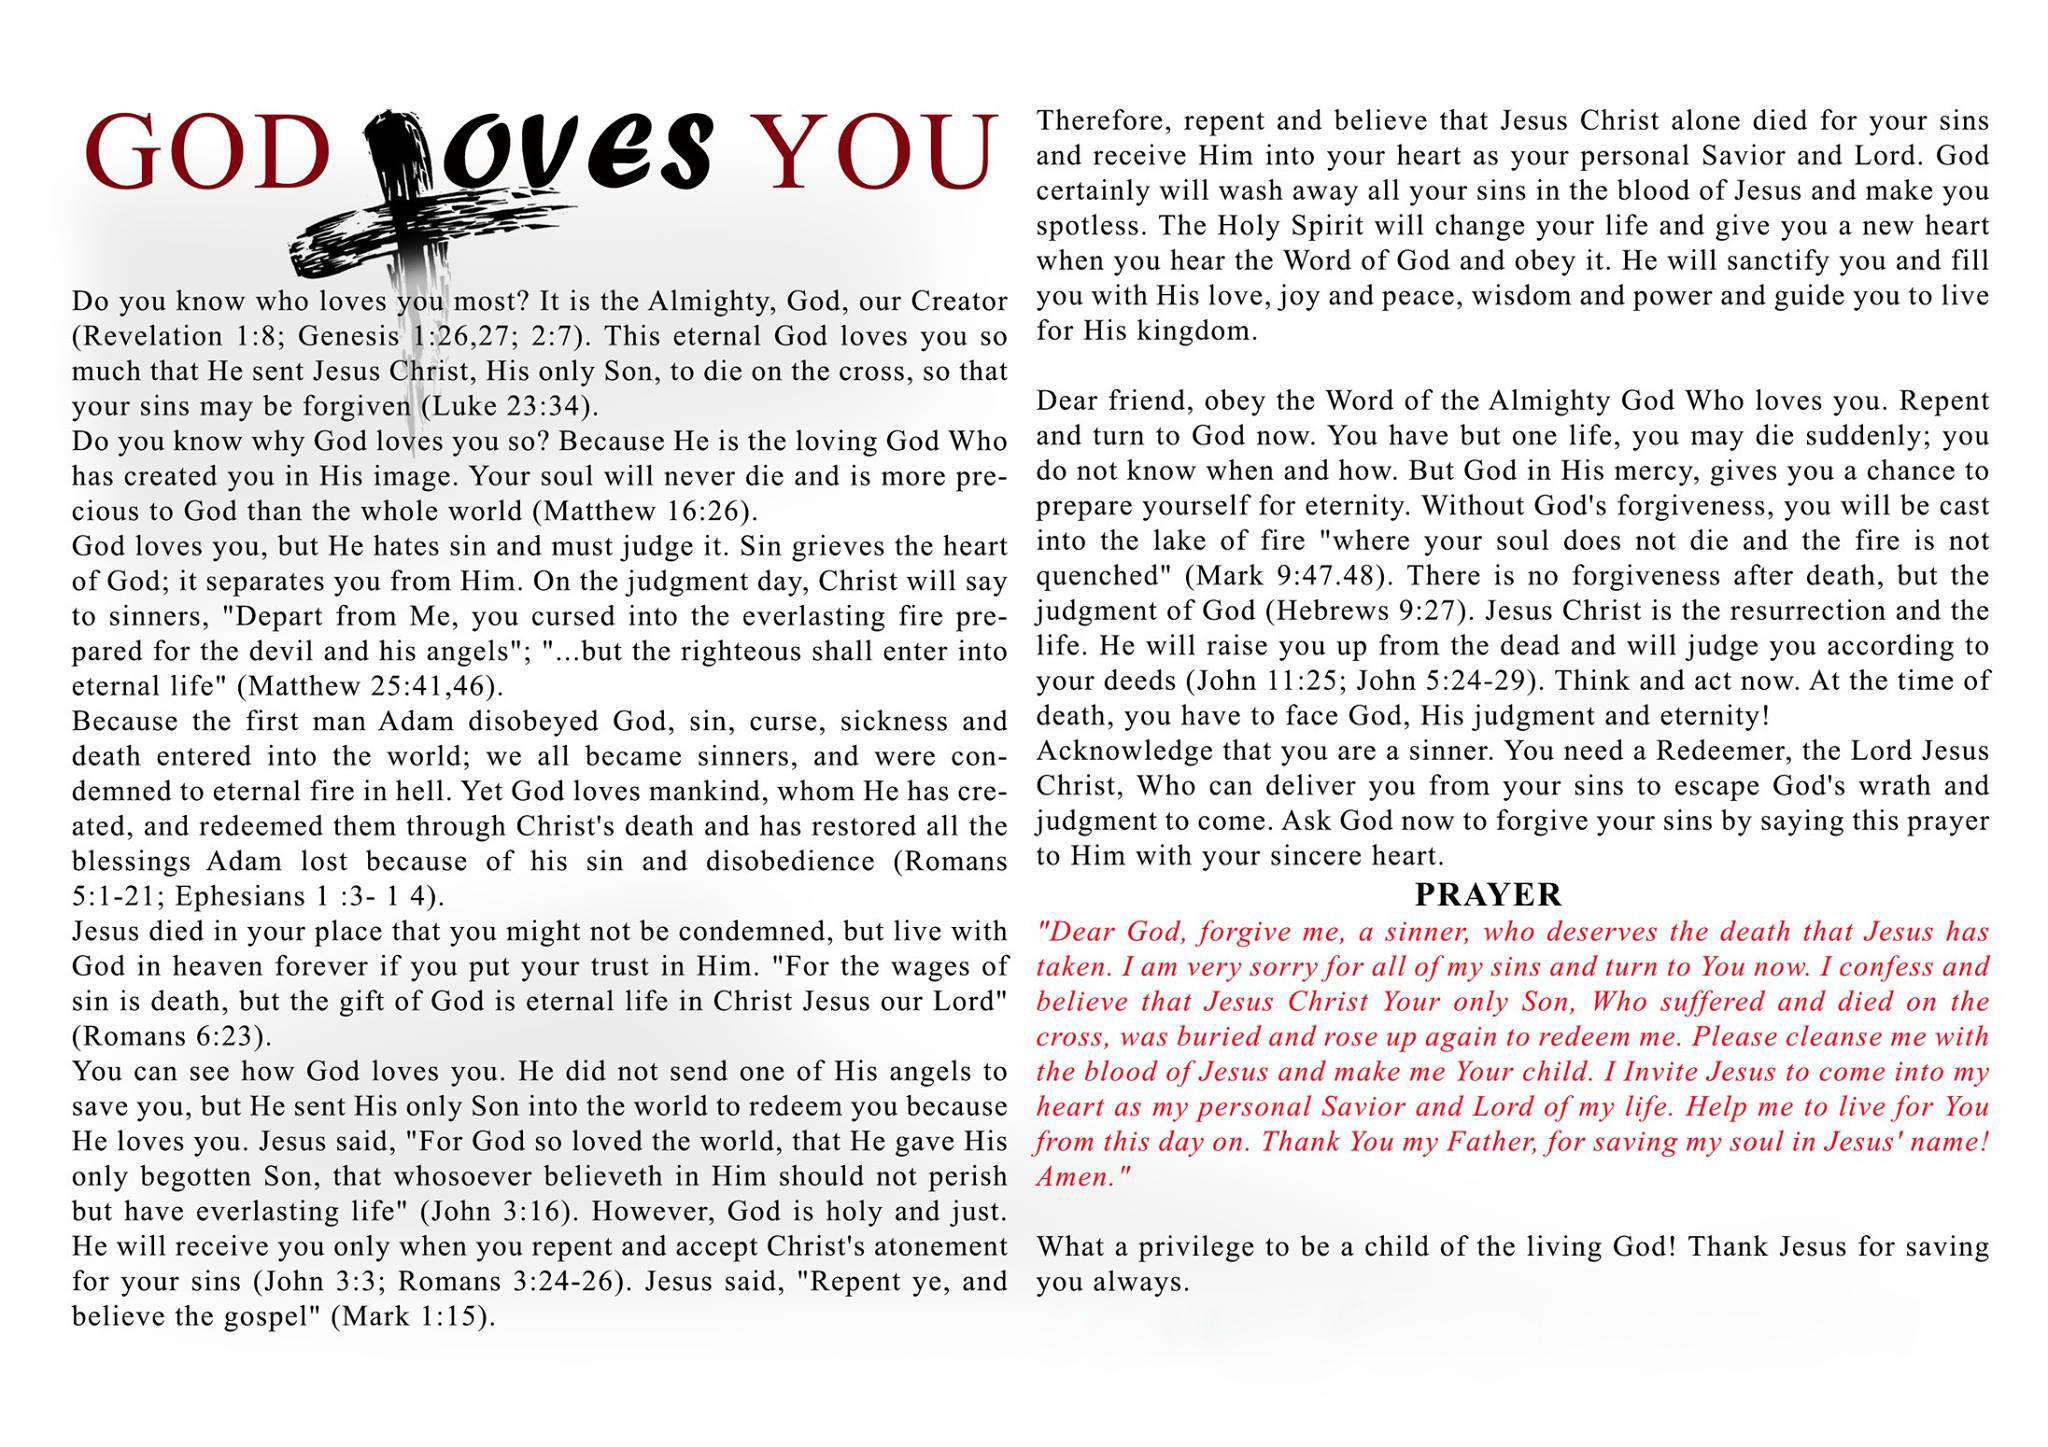 God-loves-you1